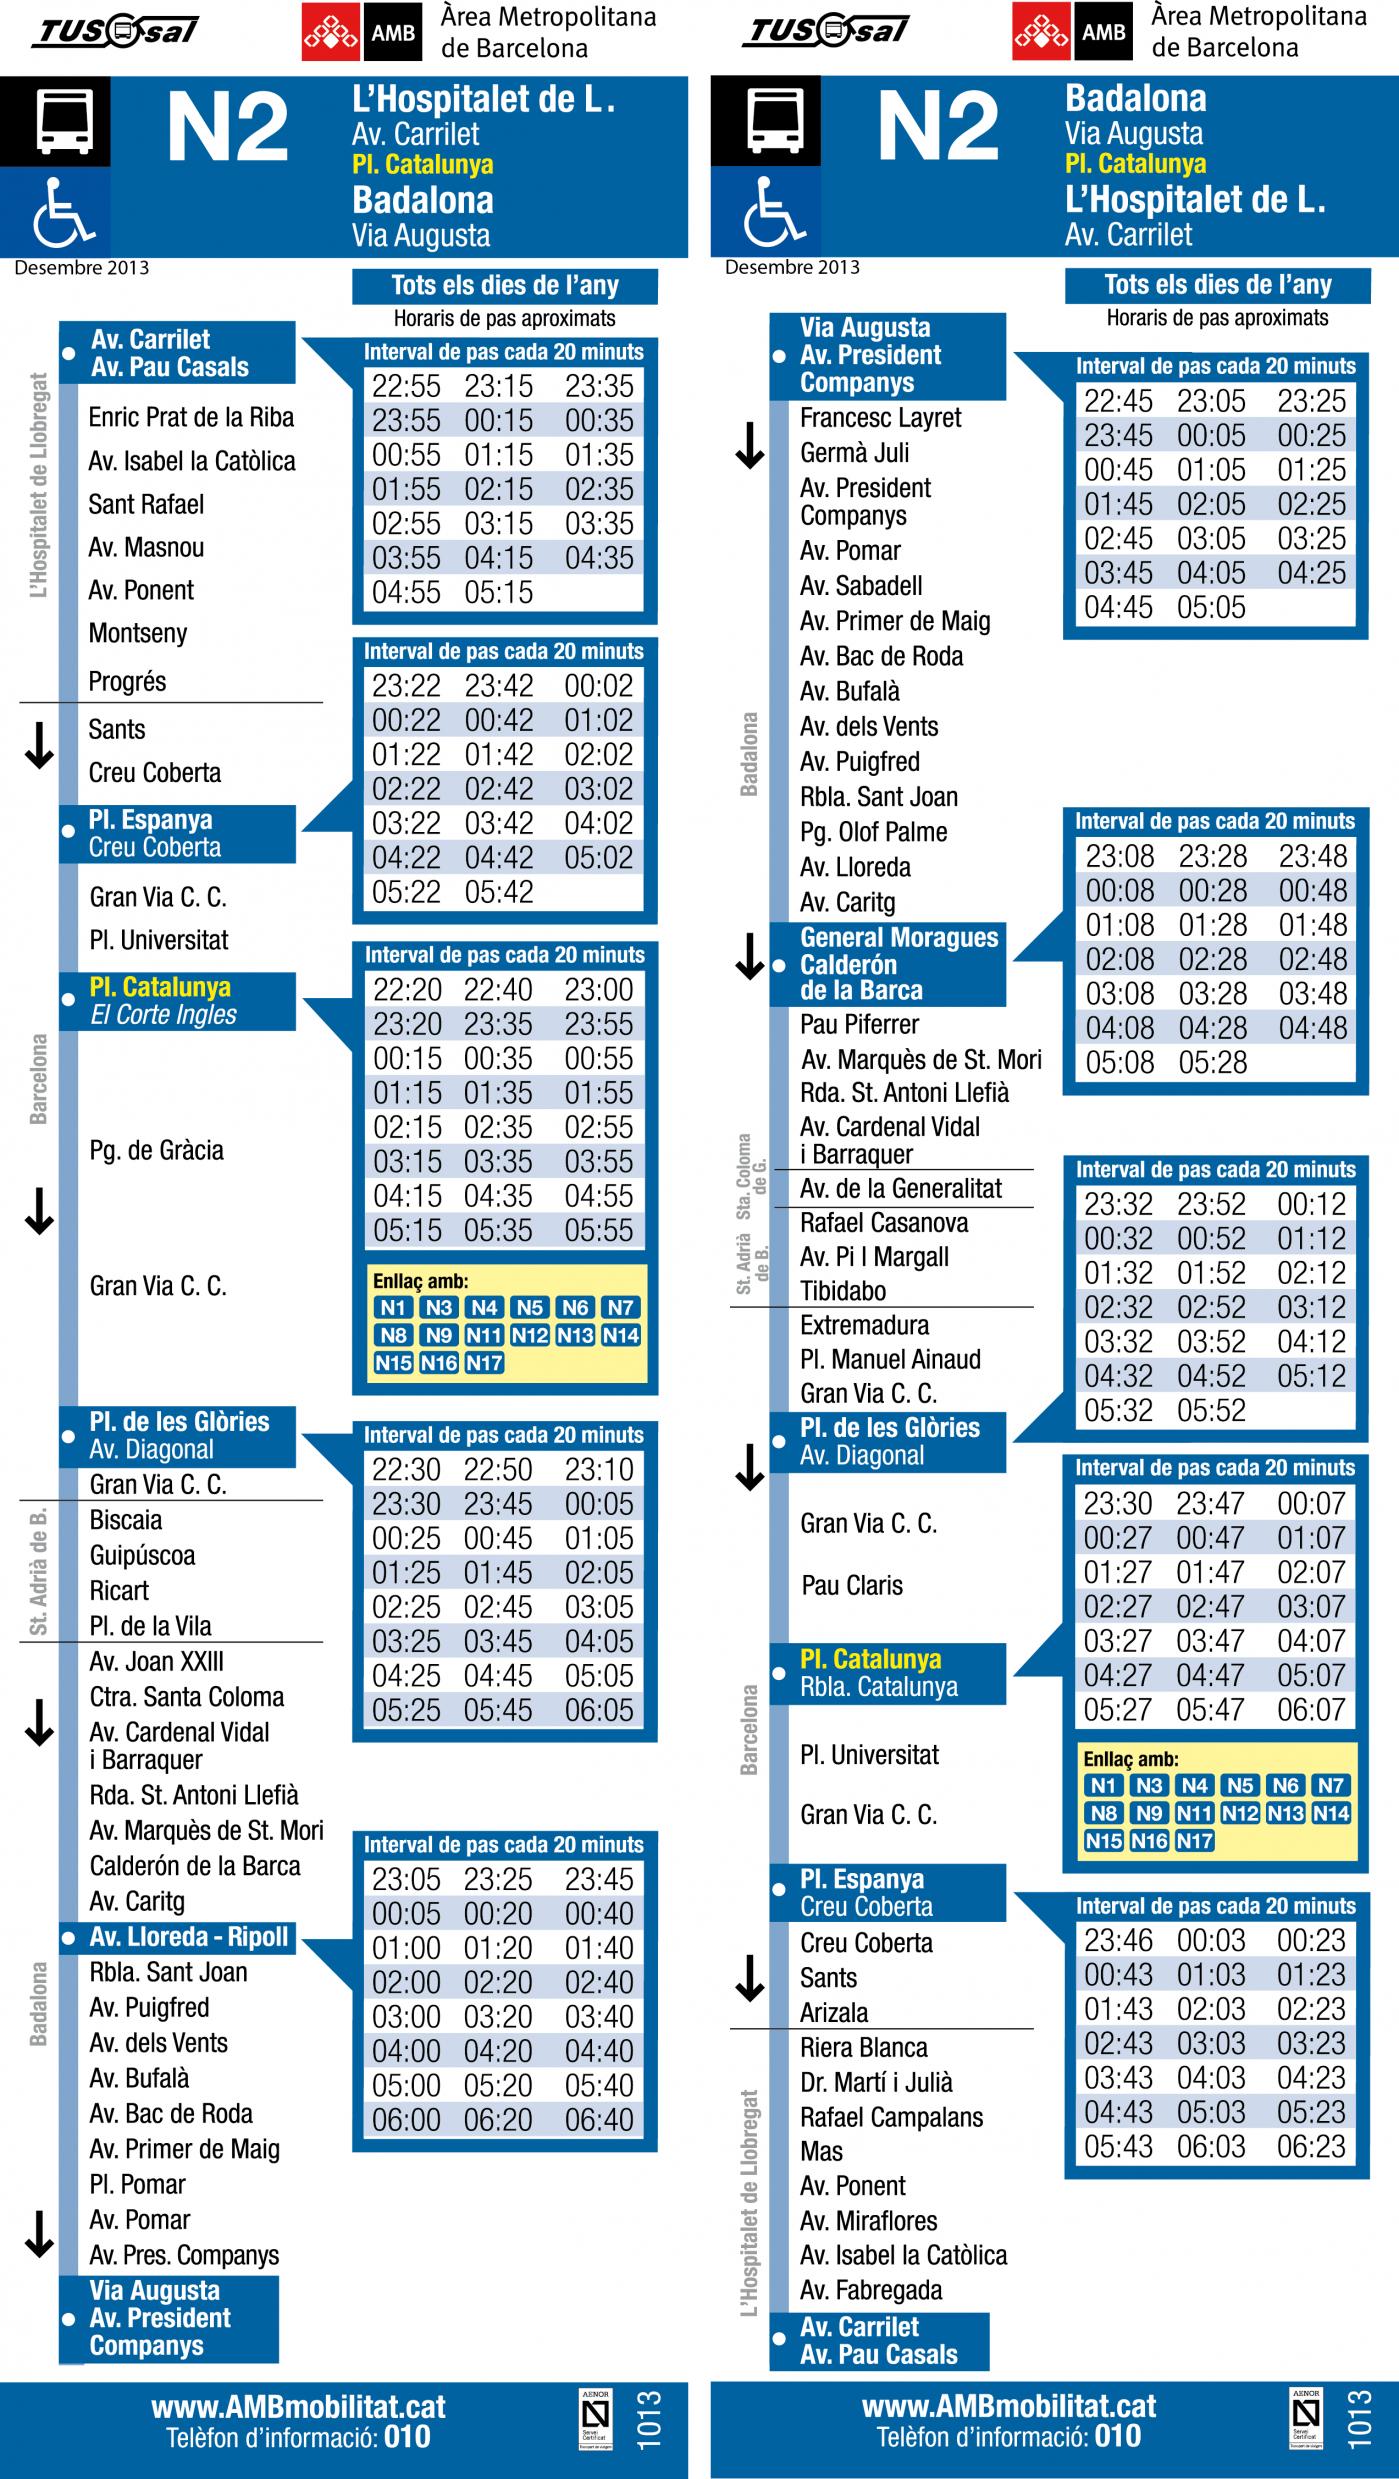 Tabla de horarios y frecuencias de paso Línea N2: L'Hospitalet (Avinguda Carrilet) - Barcelona (Plaça Catalunya) - Badalona (Vía Augusta)